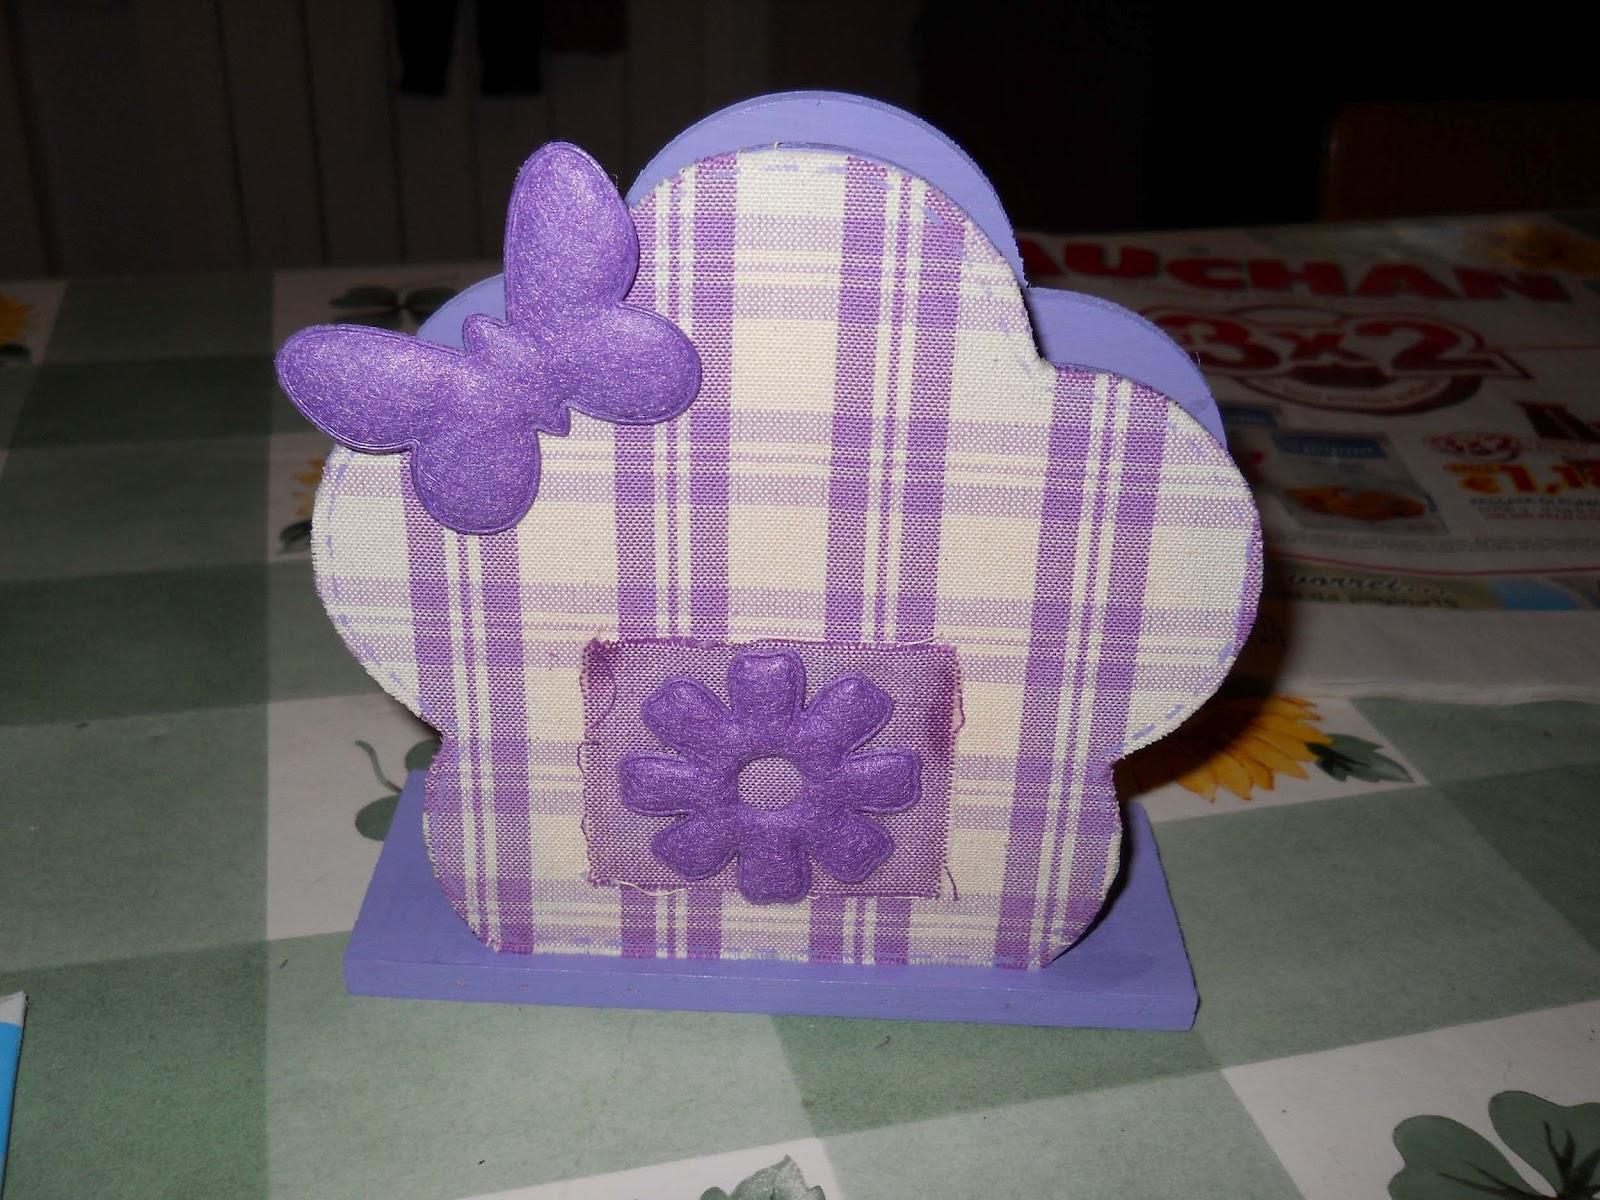 Miro creations creazioni per la cucina la tavola e il bagno - Cucito creativo bagno ...